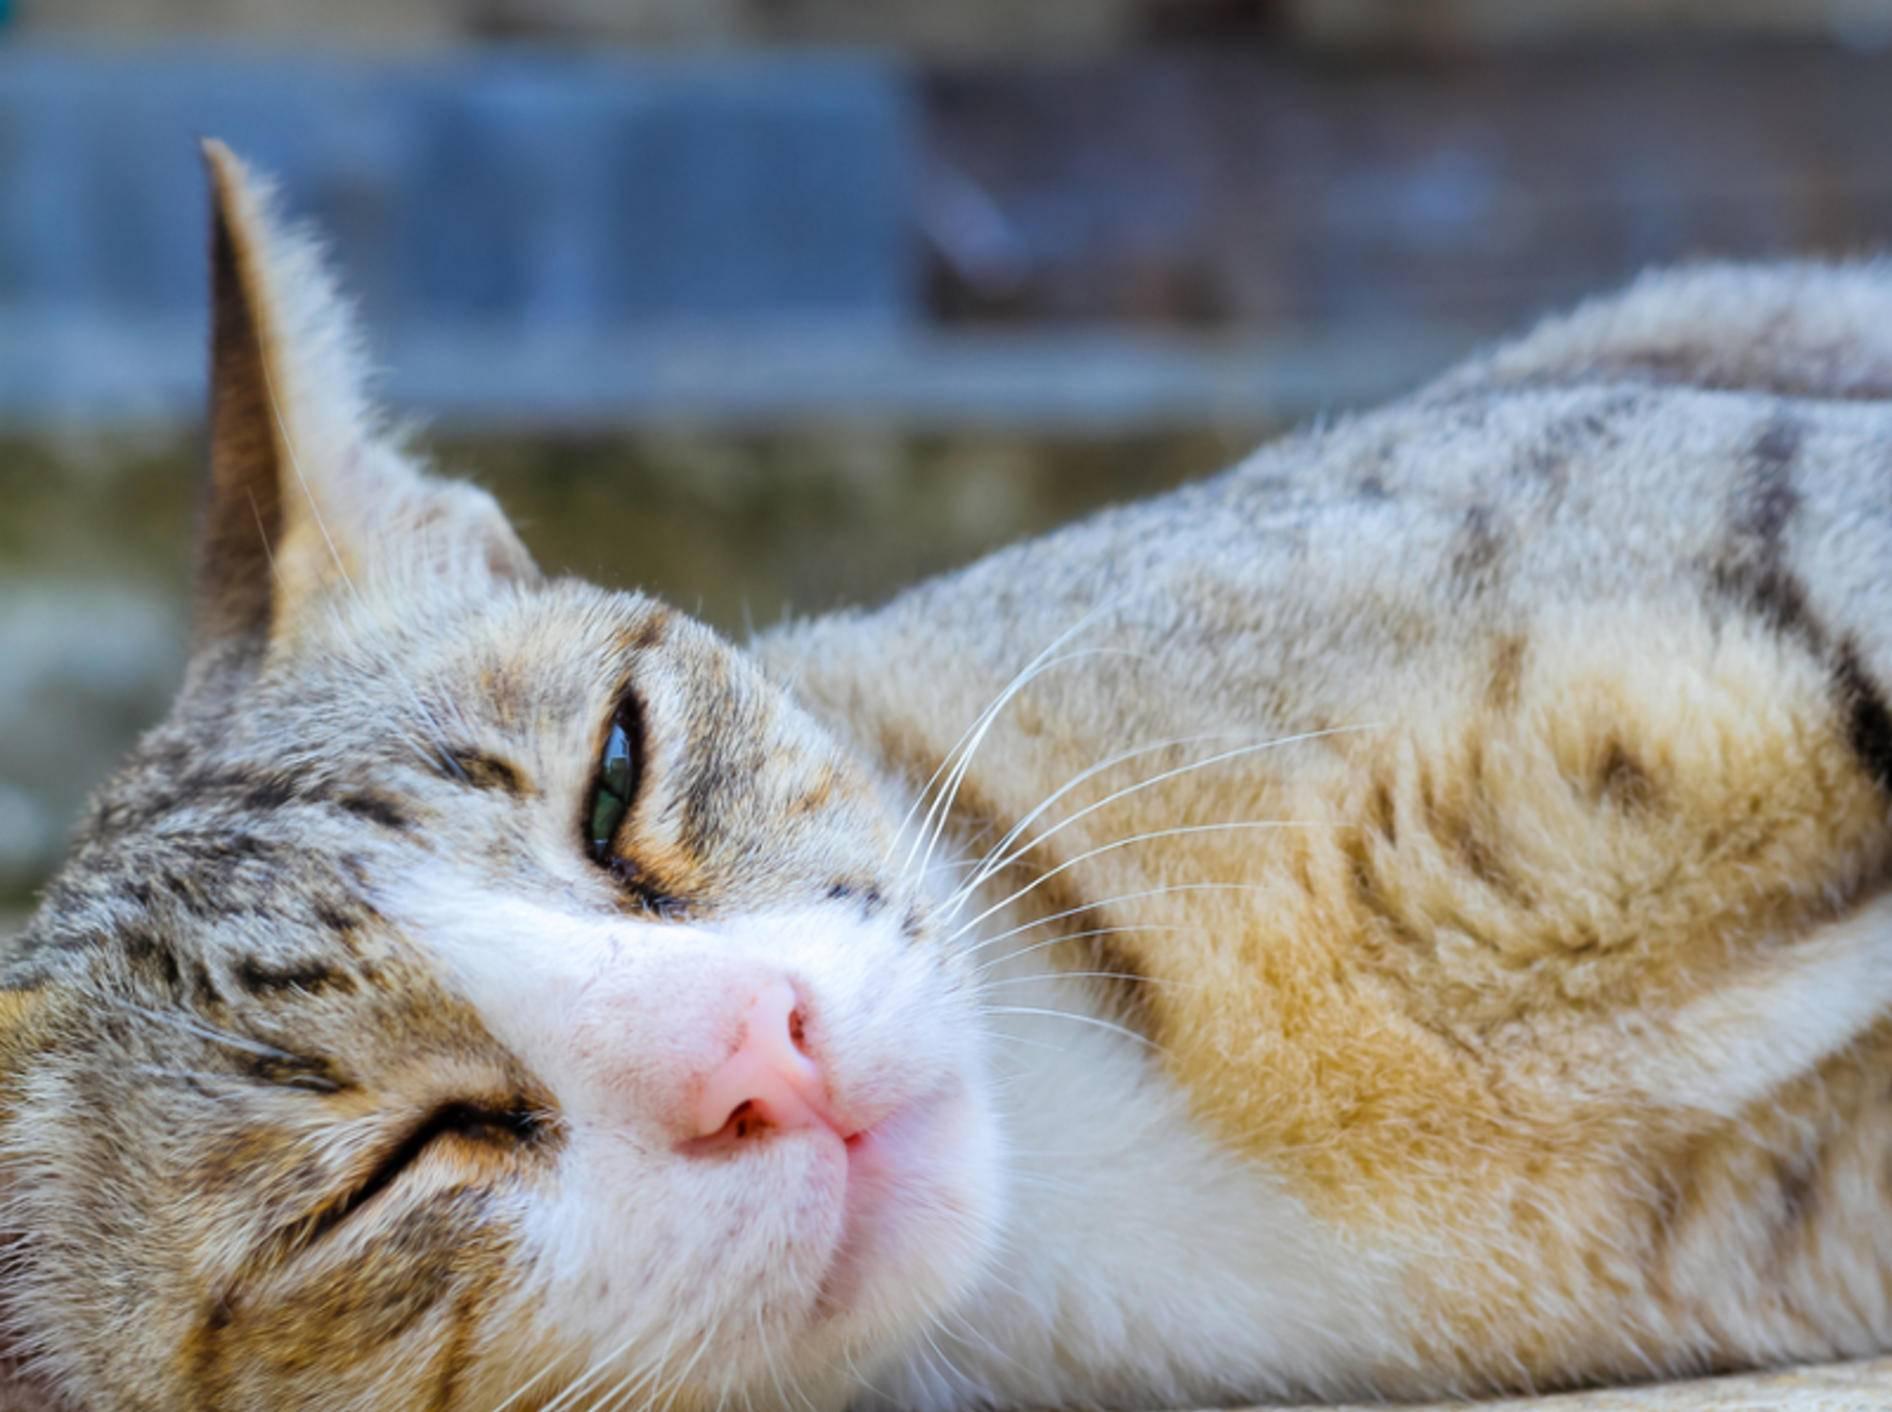 Warum Katzen blinzeln? Um ihrer Sanftmut Ausdruck zu verleihen – Shutterstock / somsak nitimongkolchai